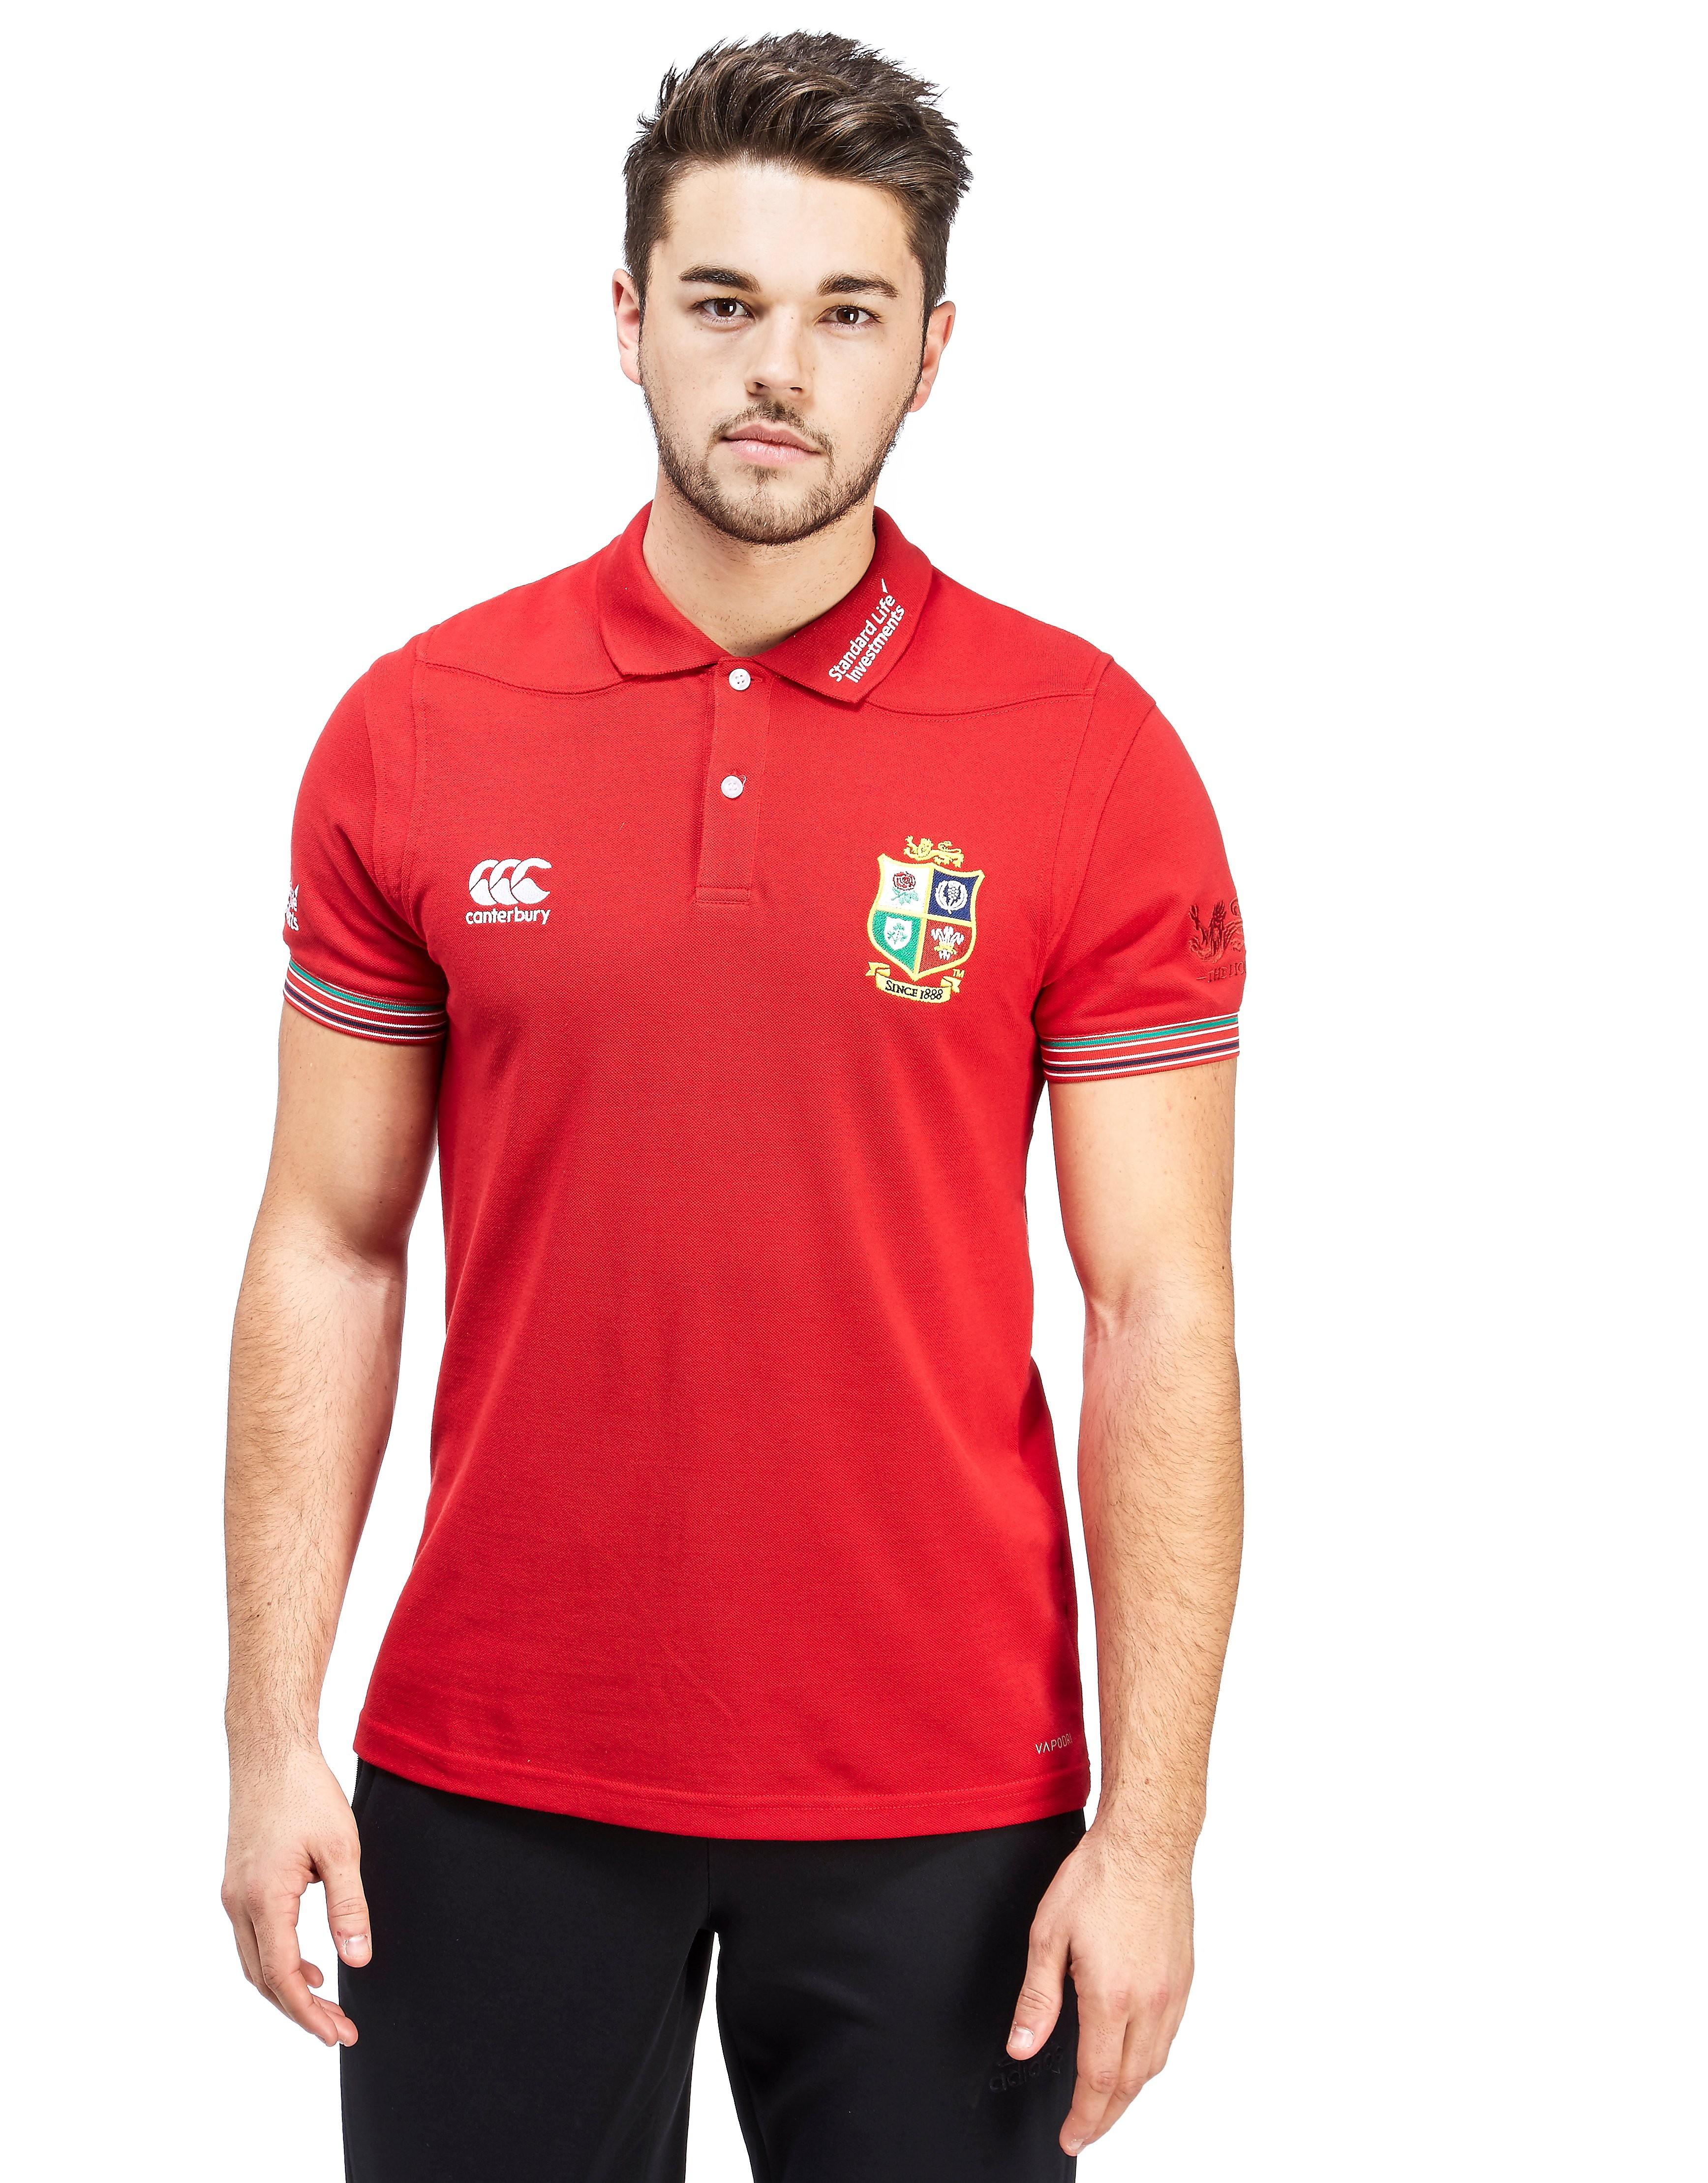 Canterbury British and Irish Lions 2017 Polo Shirt